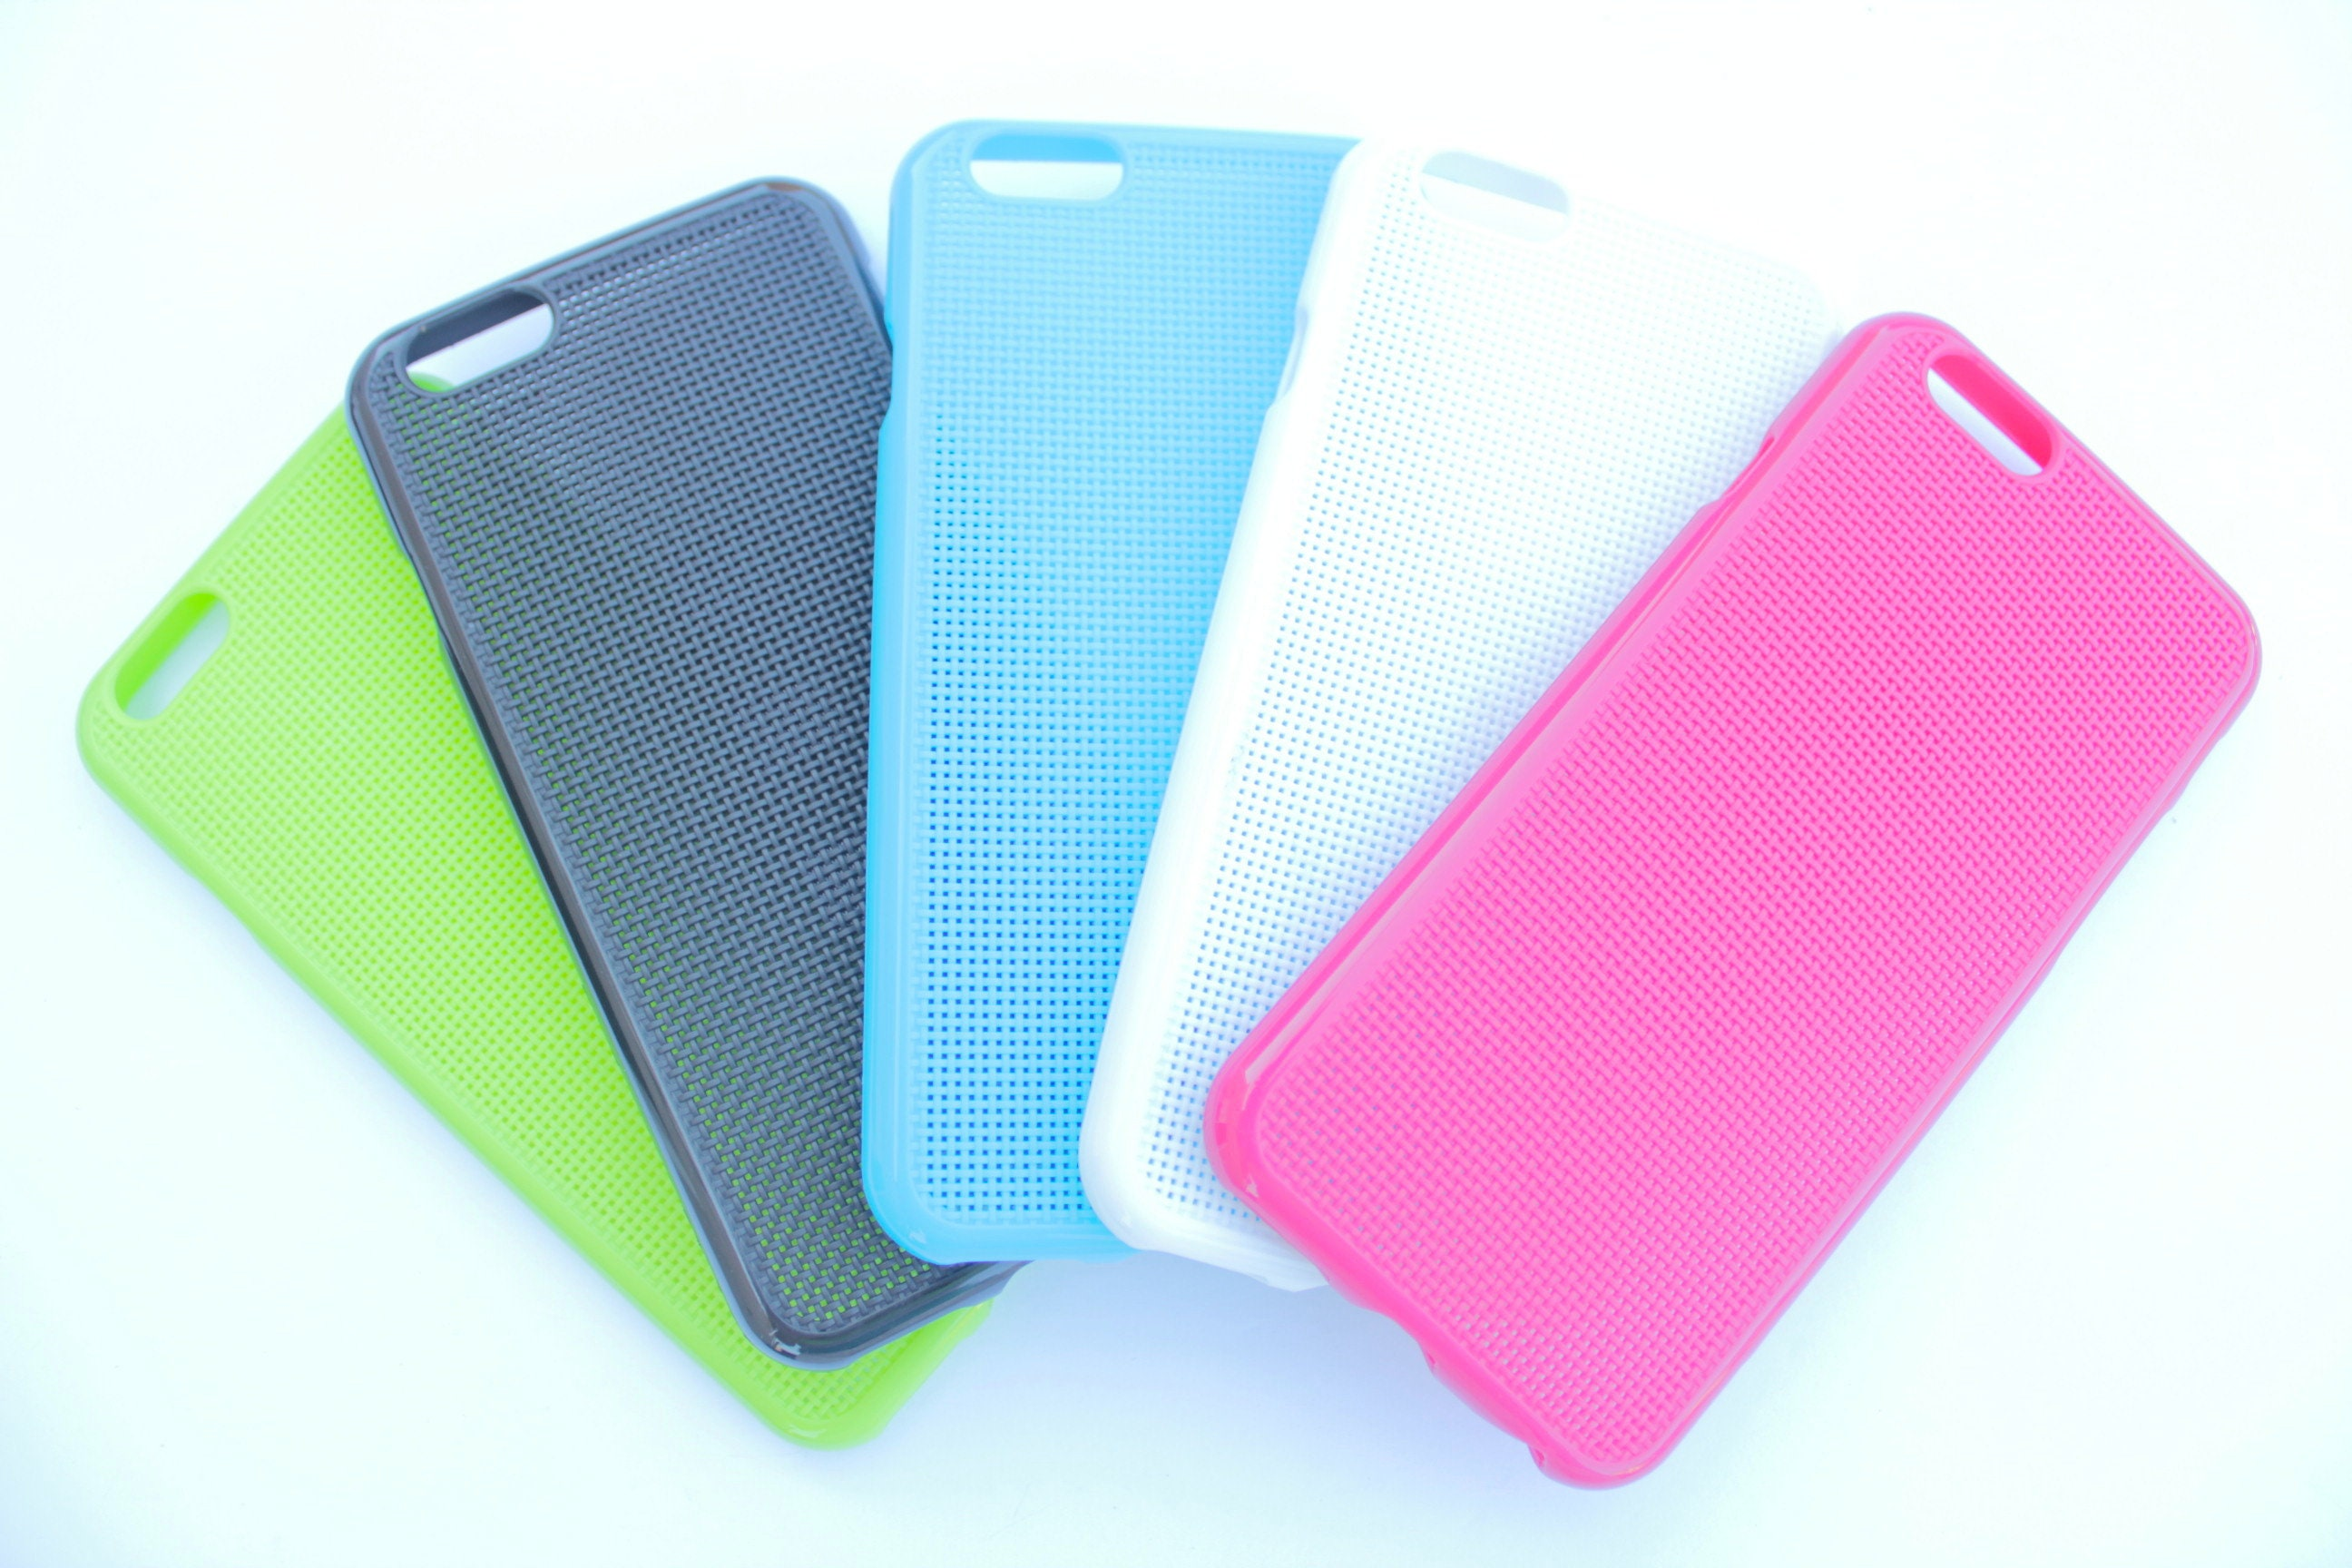 release date 61cec 44f82 Cross Stitch iPhone Case, DIY iPhone Case, DIY iPhone Case, Personalized  Gifts, Cross Stitch Supplies, Cross Stitch Case, iPhone 5 Case DIY